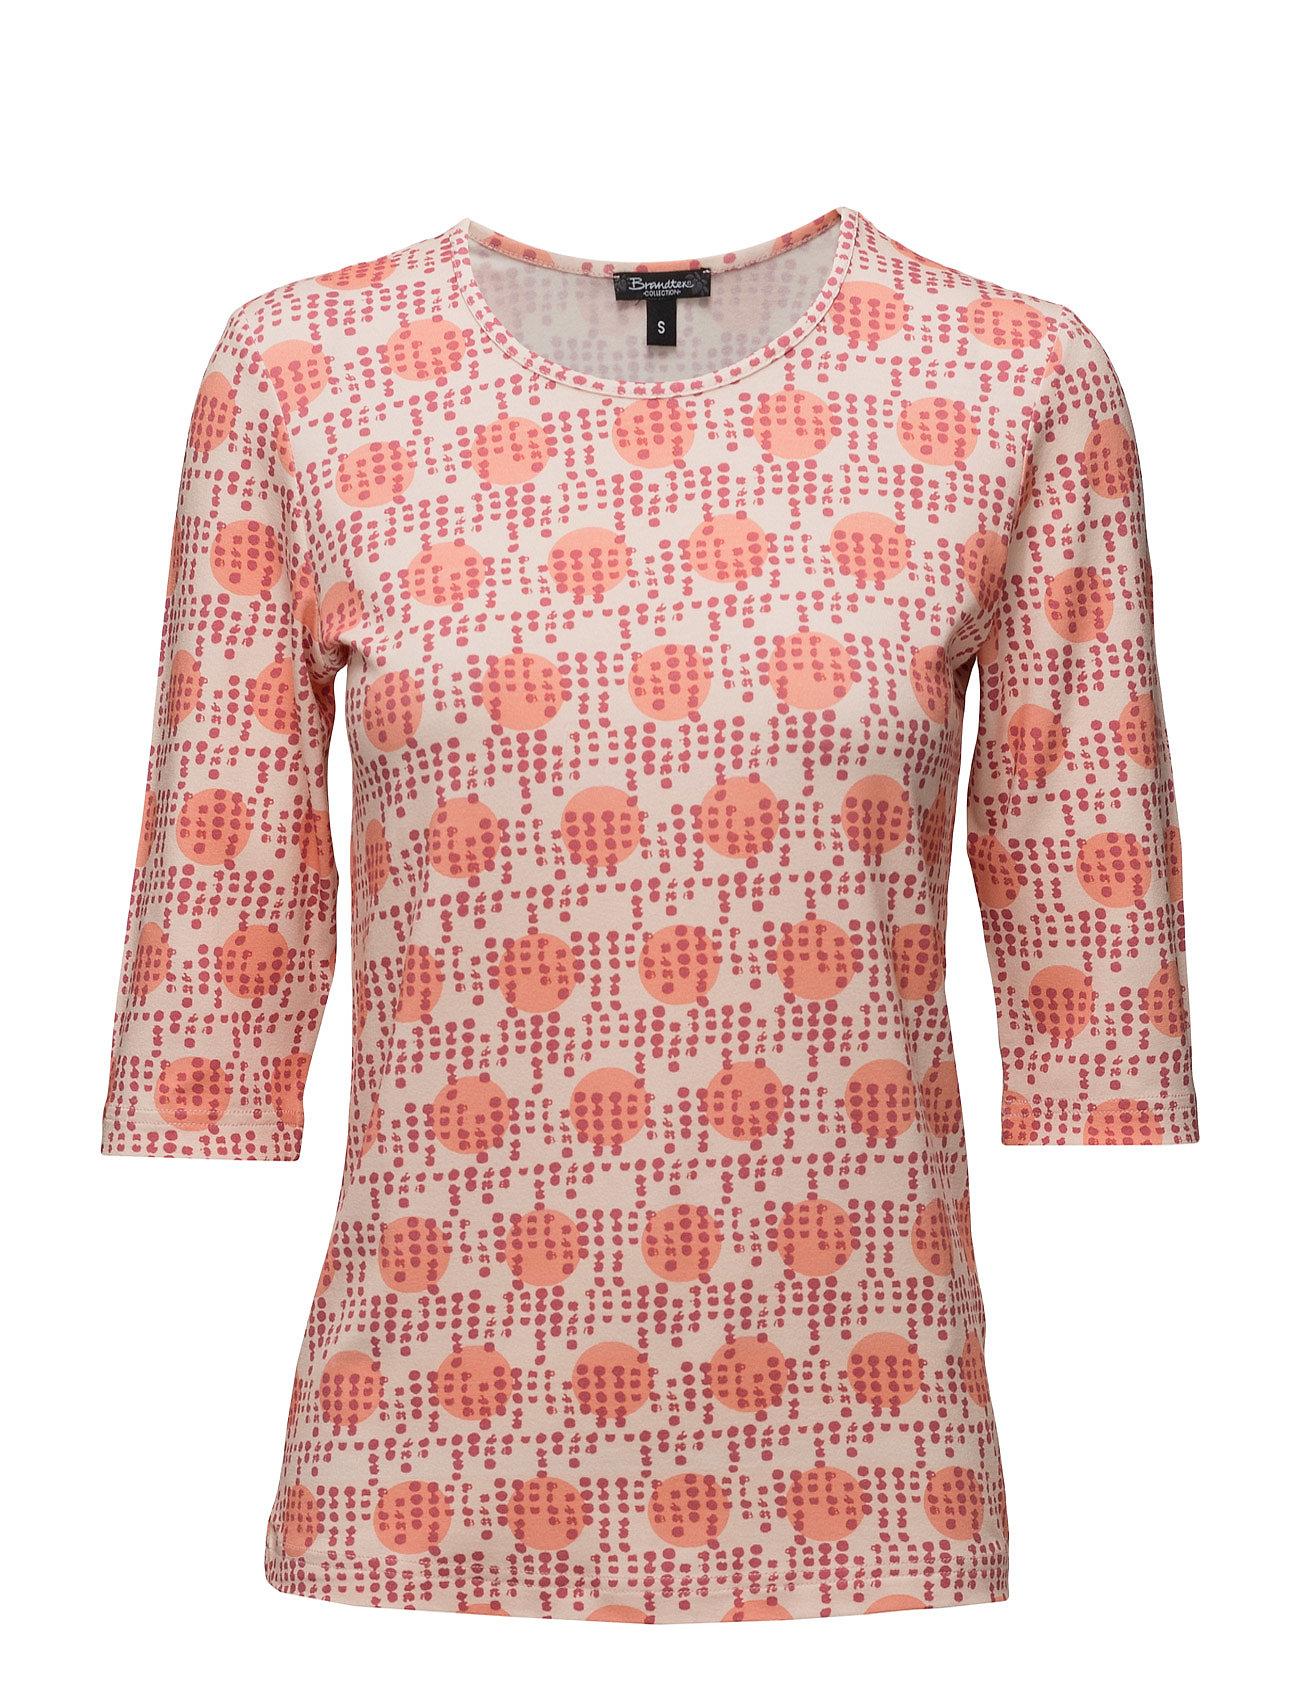 T-Shirt S/S Brandtex Langærmede til Damer i